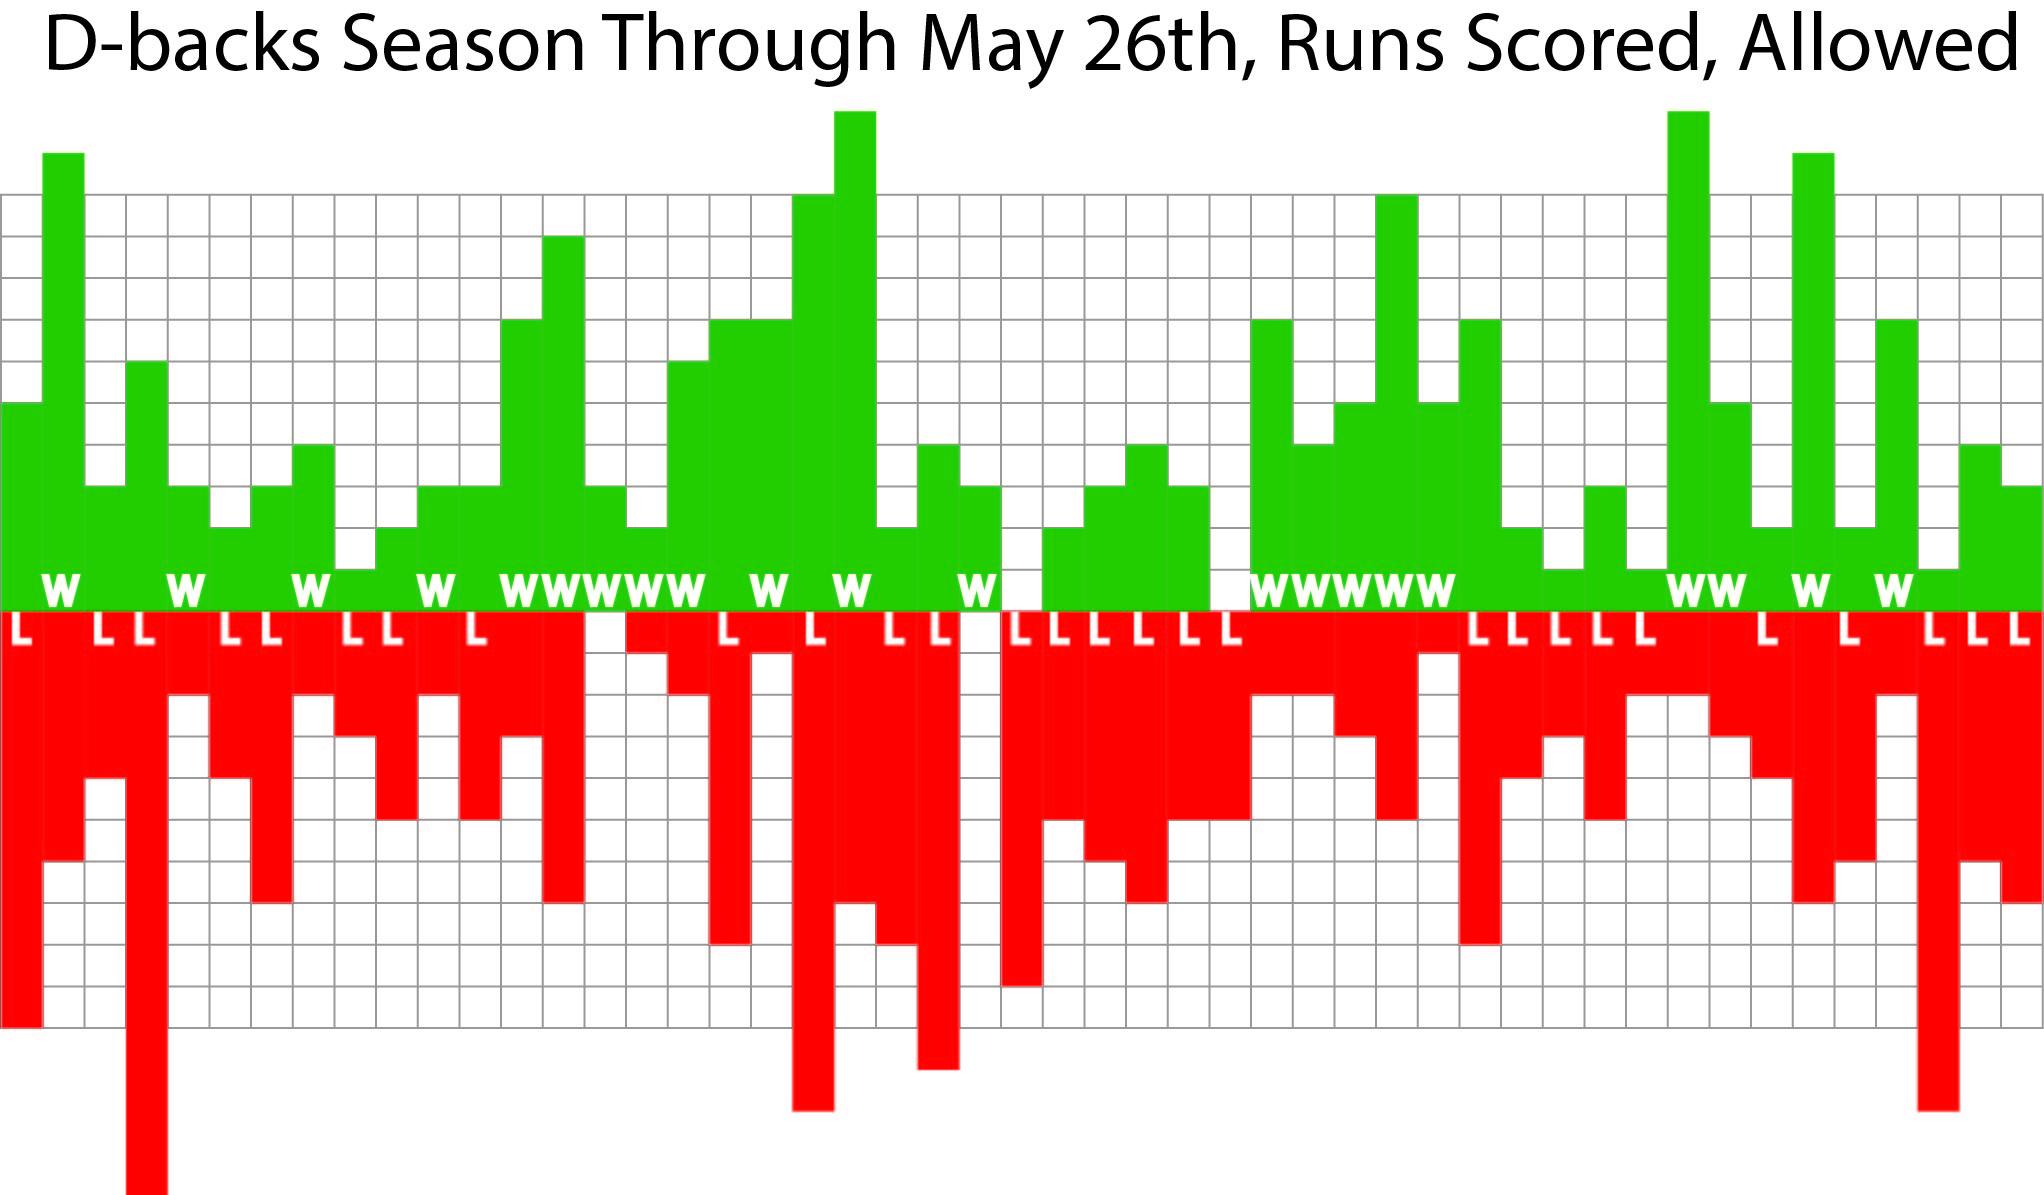 Season Runs